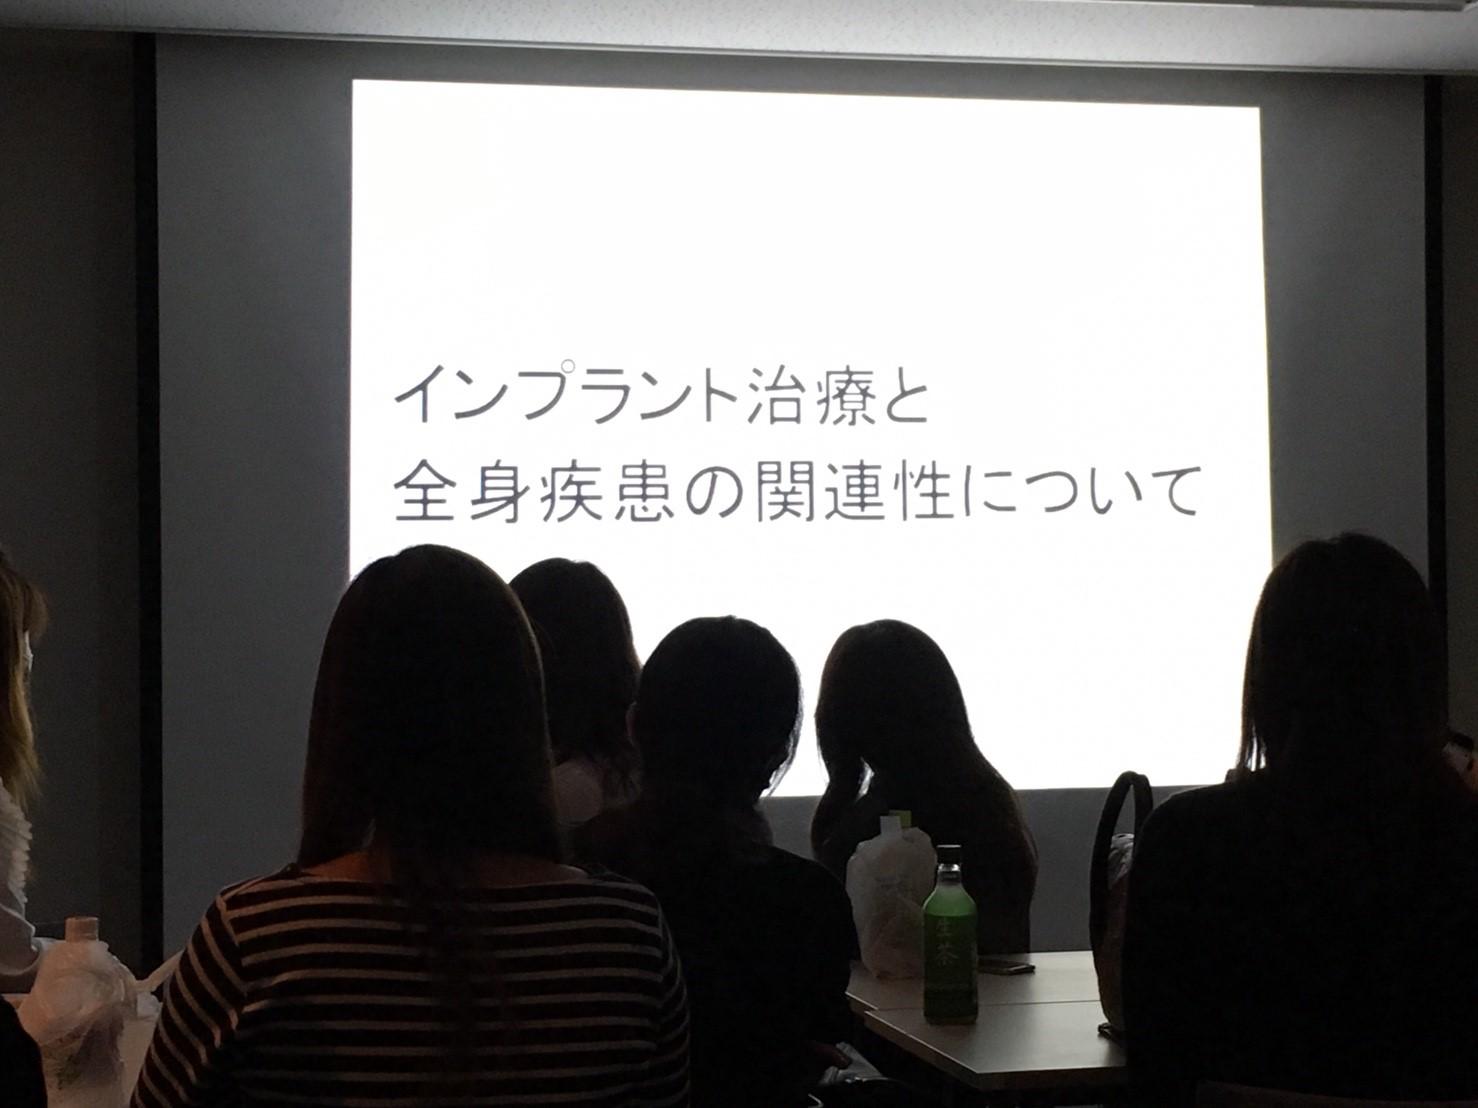 NHKパピヨンの勉強会に参加しました(2017年10月11日)